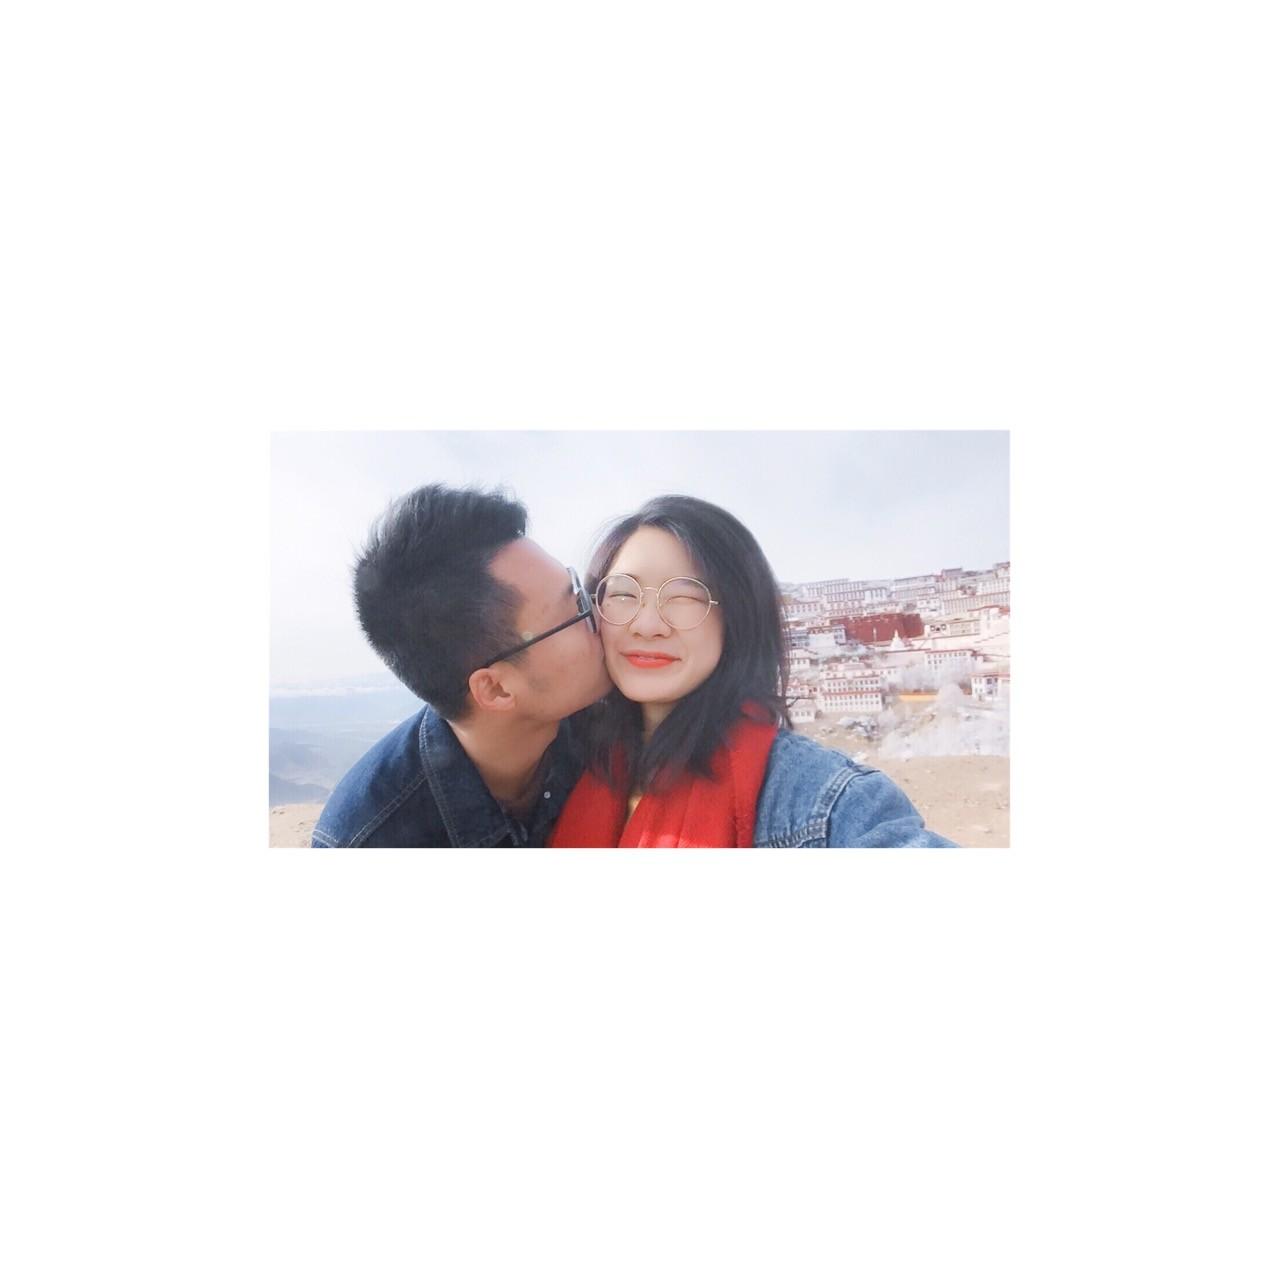 【攻略+海量美图】五月进藏,西藏是远方亦是信仰(一)-八廓街,南迦巴瓦峰,雅鲁藏布大峡谷,鲁朗,八一